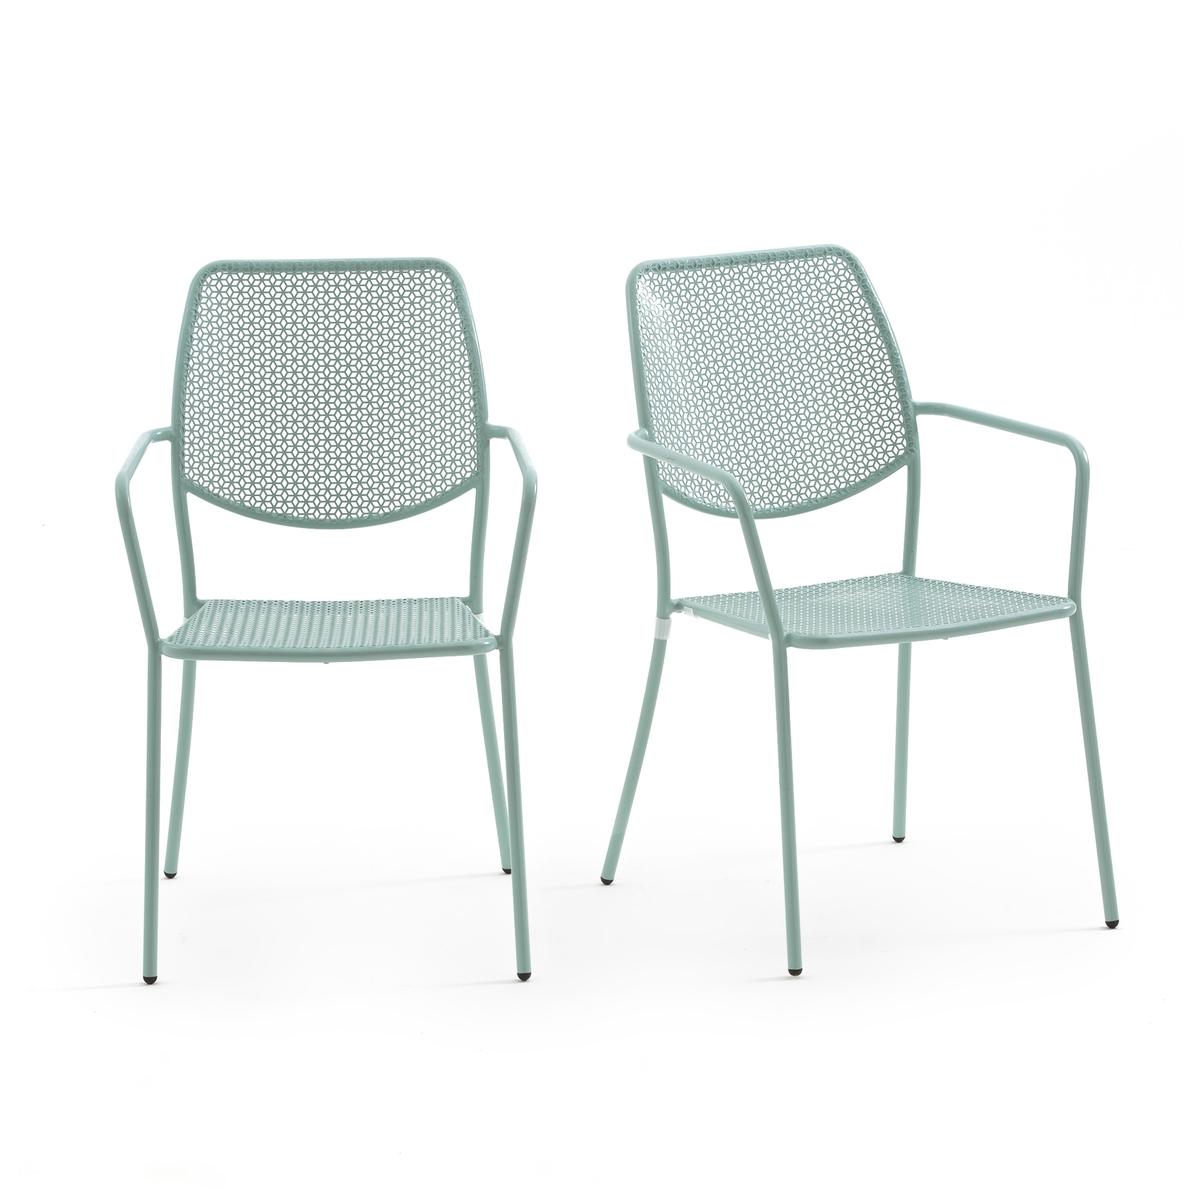 Комплект из 2 кресел для сада OSLO высококачественные пользовательские 3d обои для обоев для спальни 3d ландшафт для сада и сада